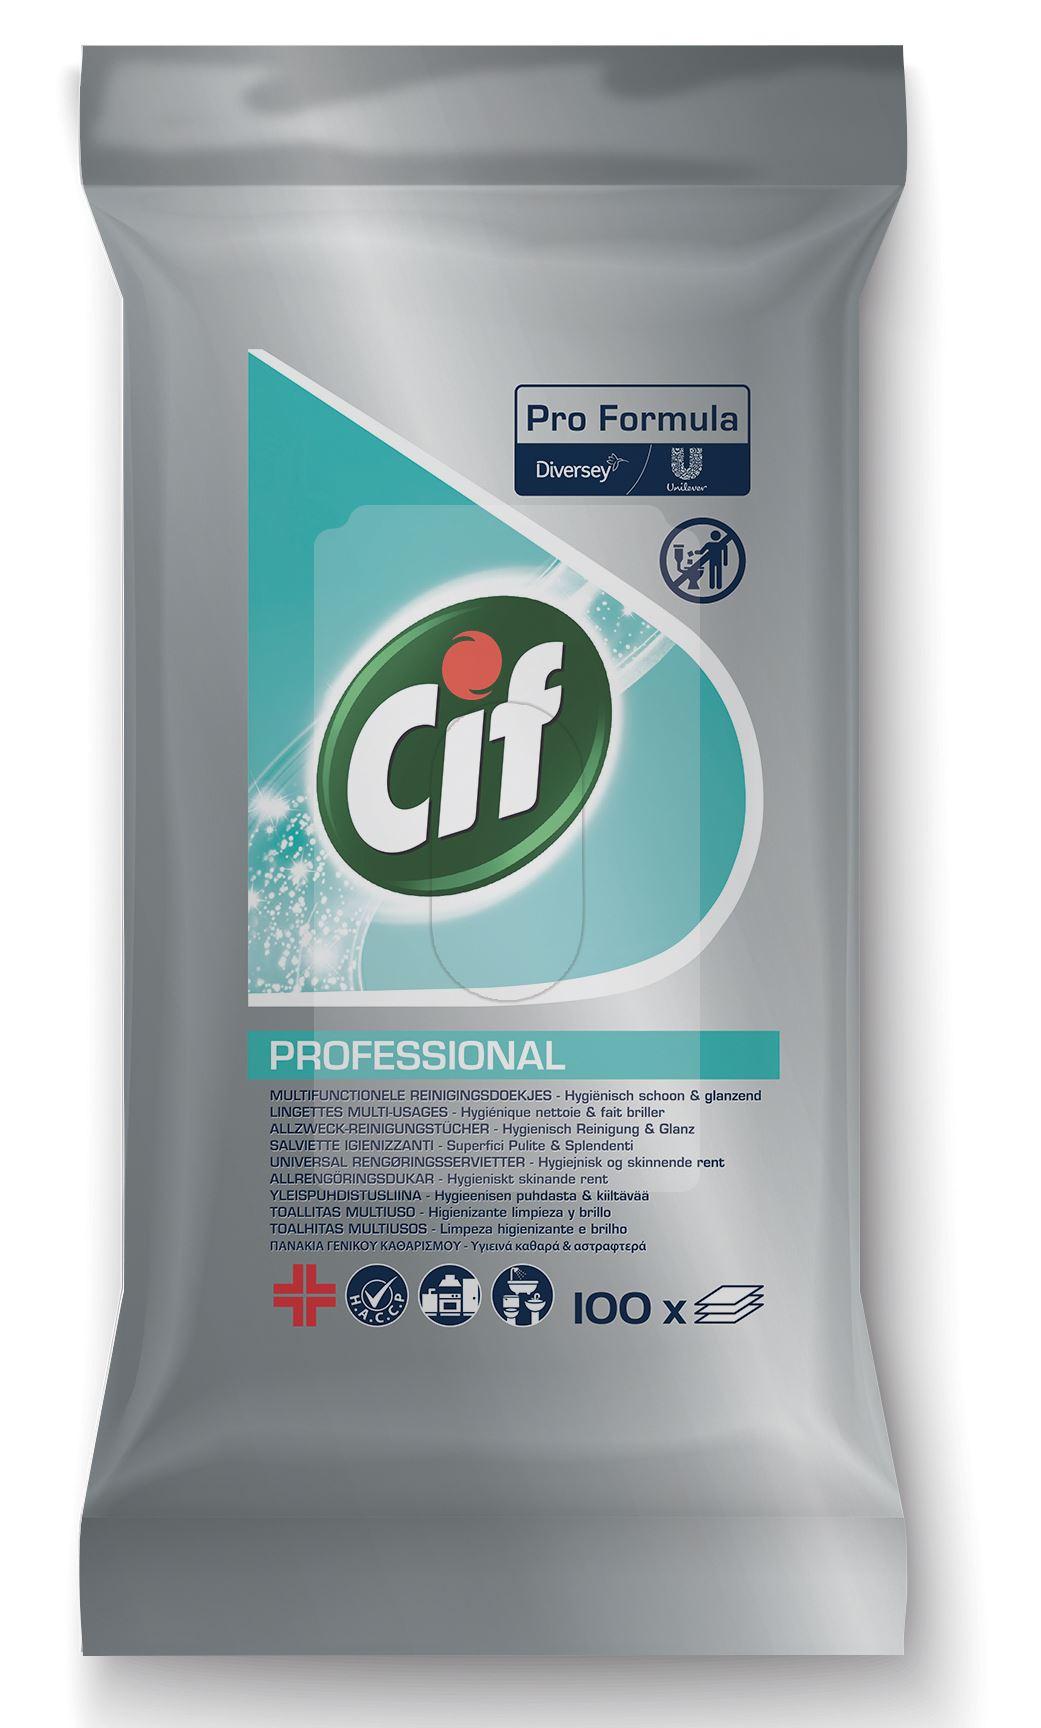 Cif professional lingette multi usages